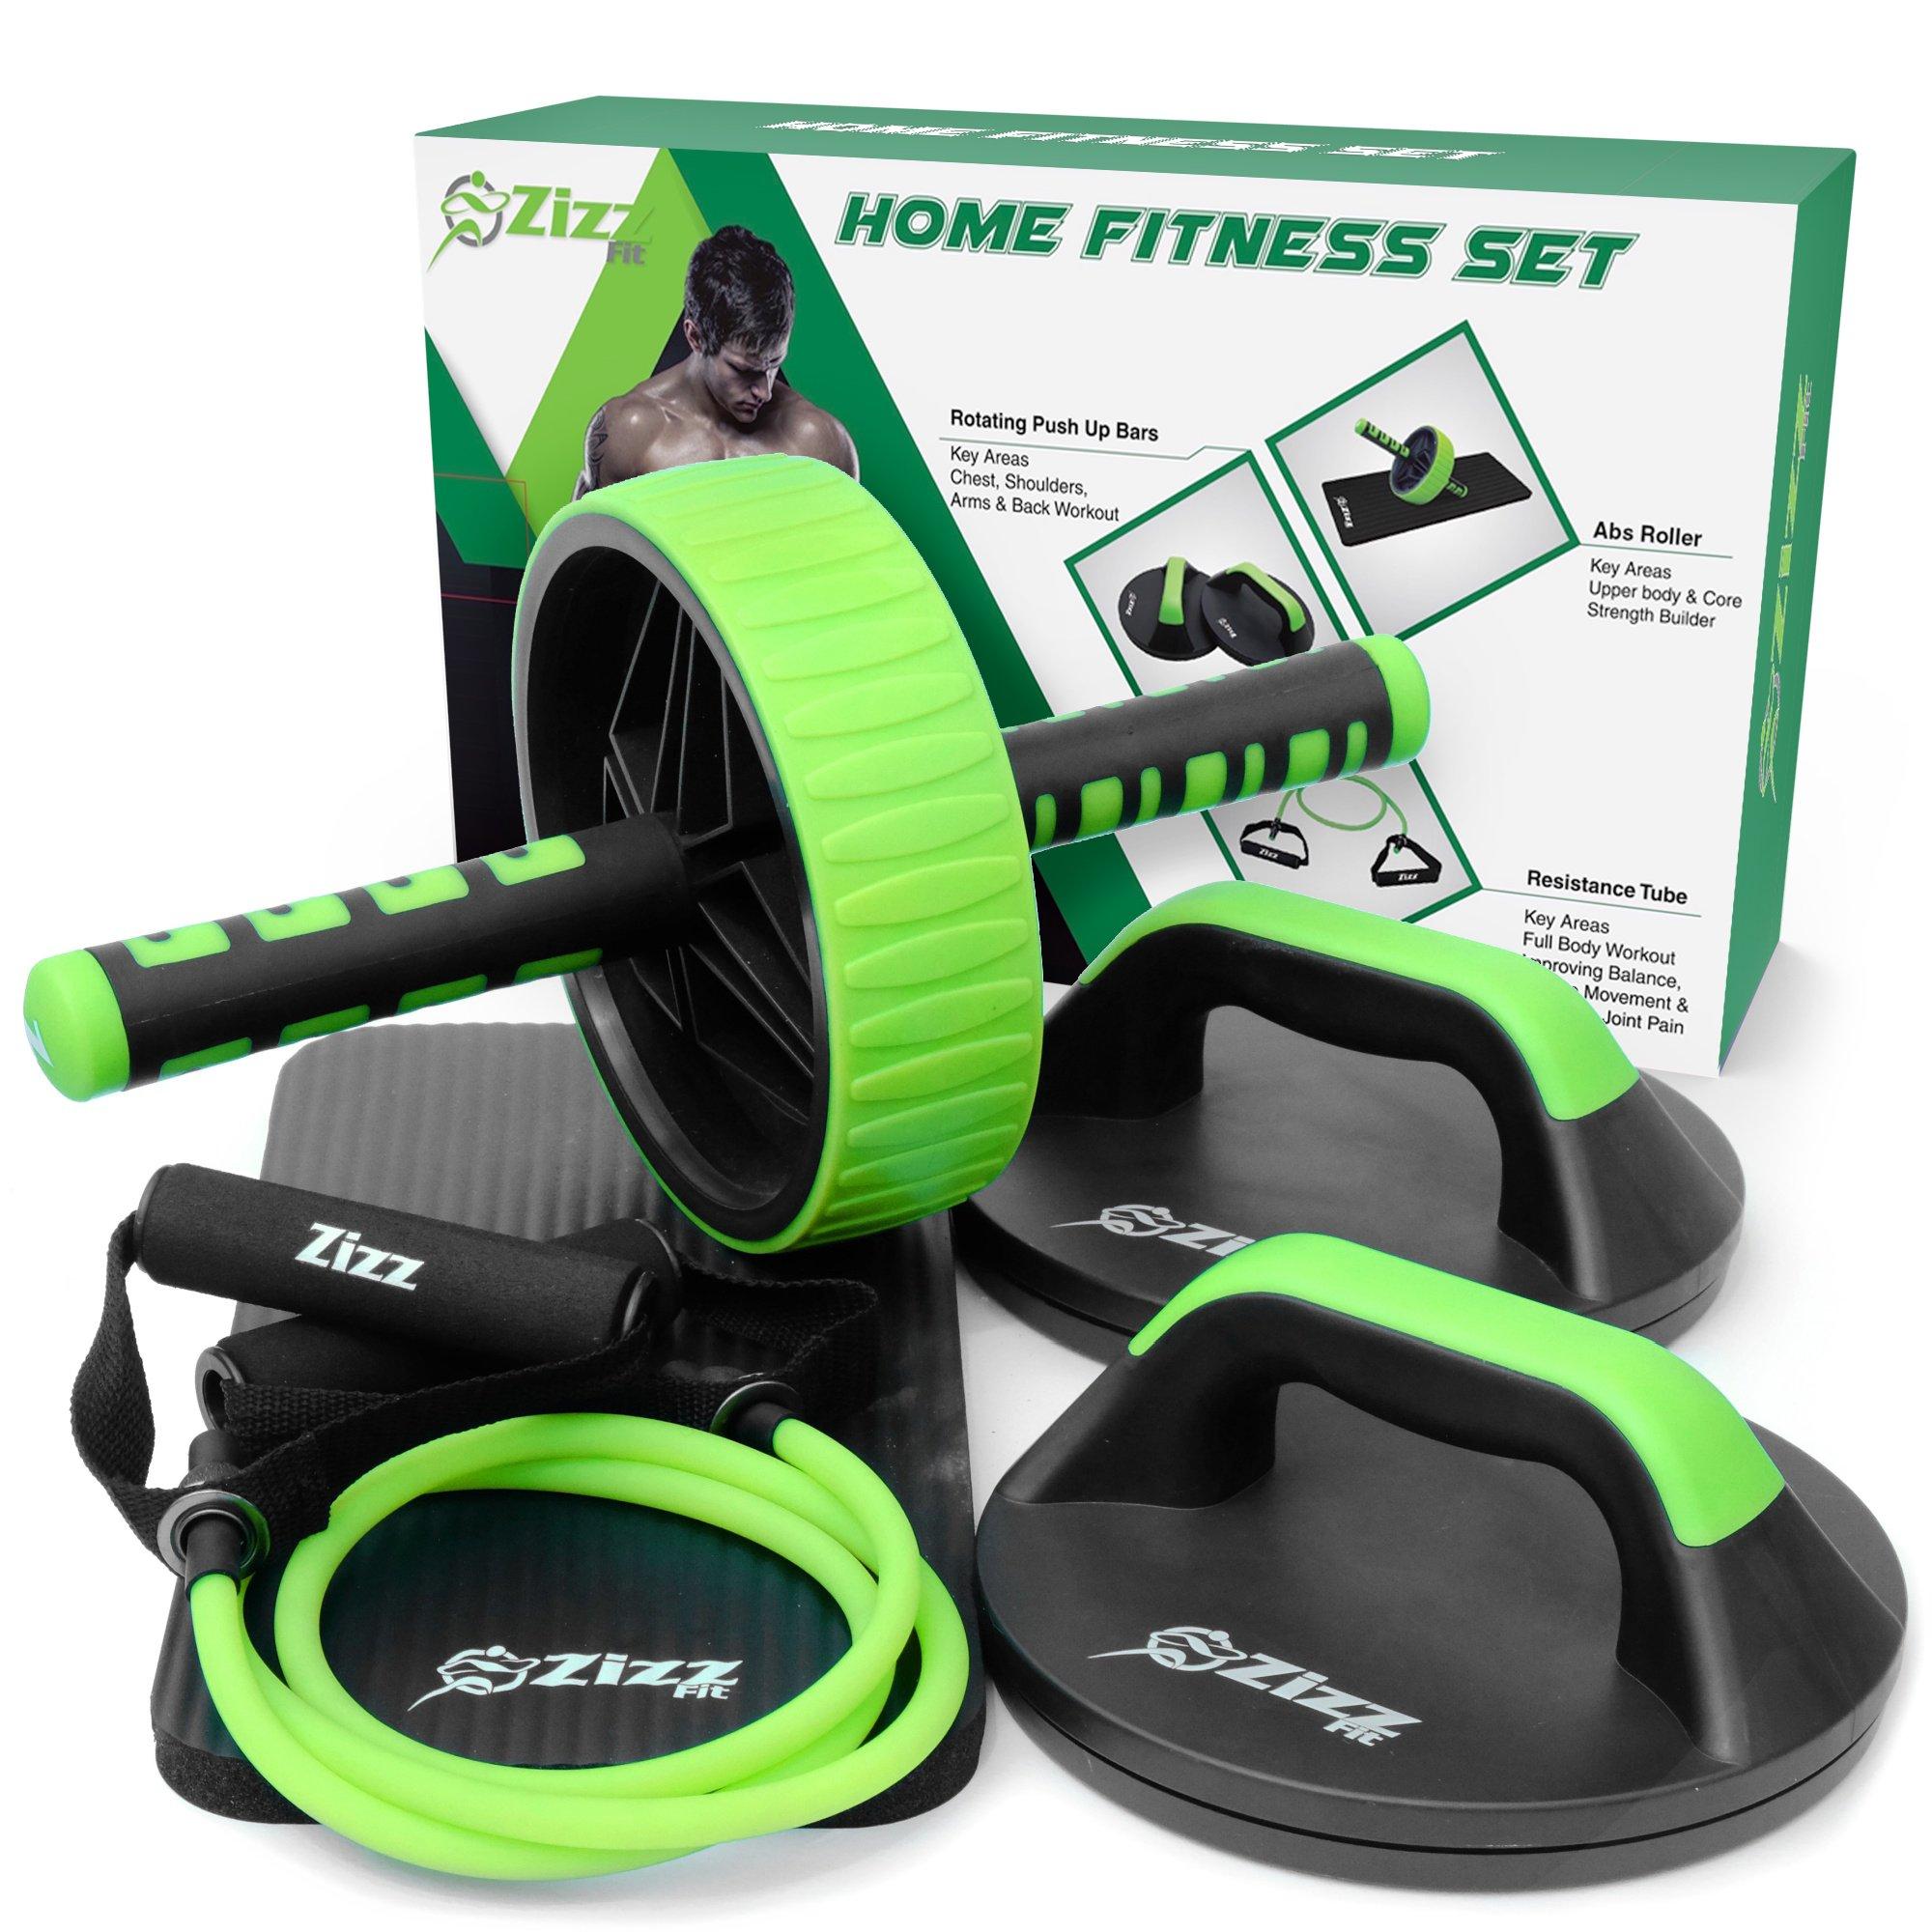 Set de ejercicio de alta calidad, 1 rueda de abdominales, 2 barras de flexiones, 1 tubo elástico con asideros, kit de ejercicio para casa, el gimnasio, la oficina, hoteles, de Zizz Fit: